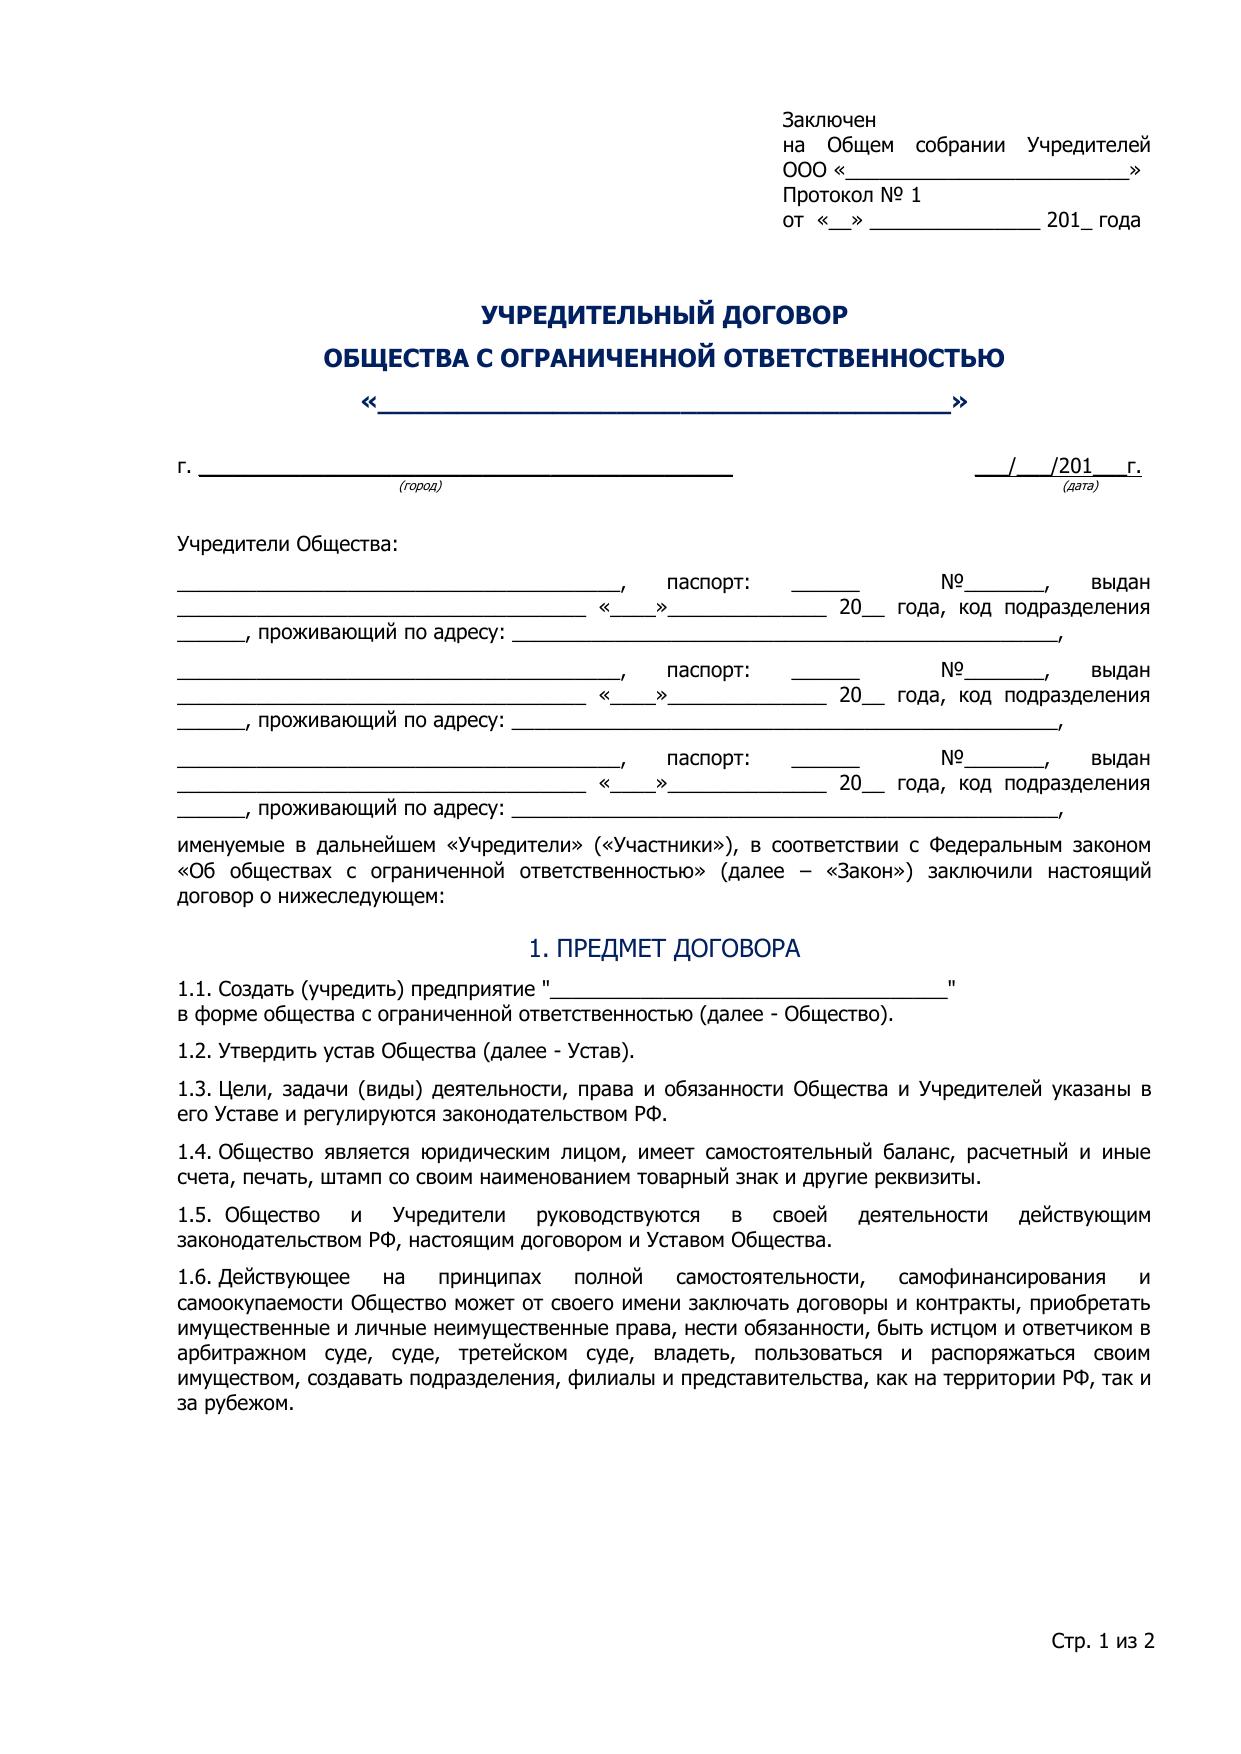 Как сделать договор цессии между юридическими лицами образец